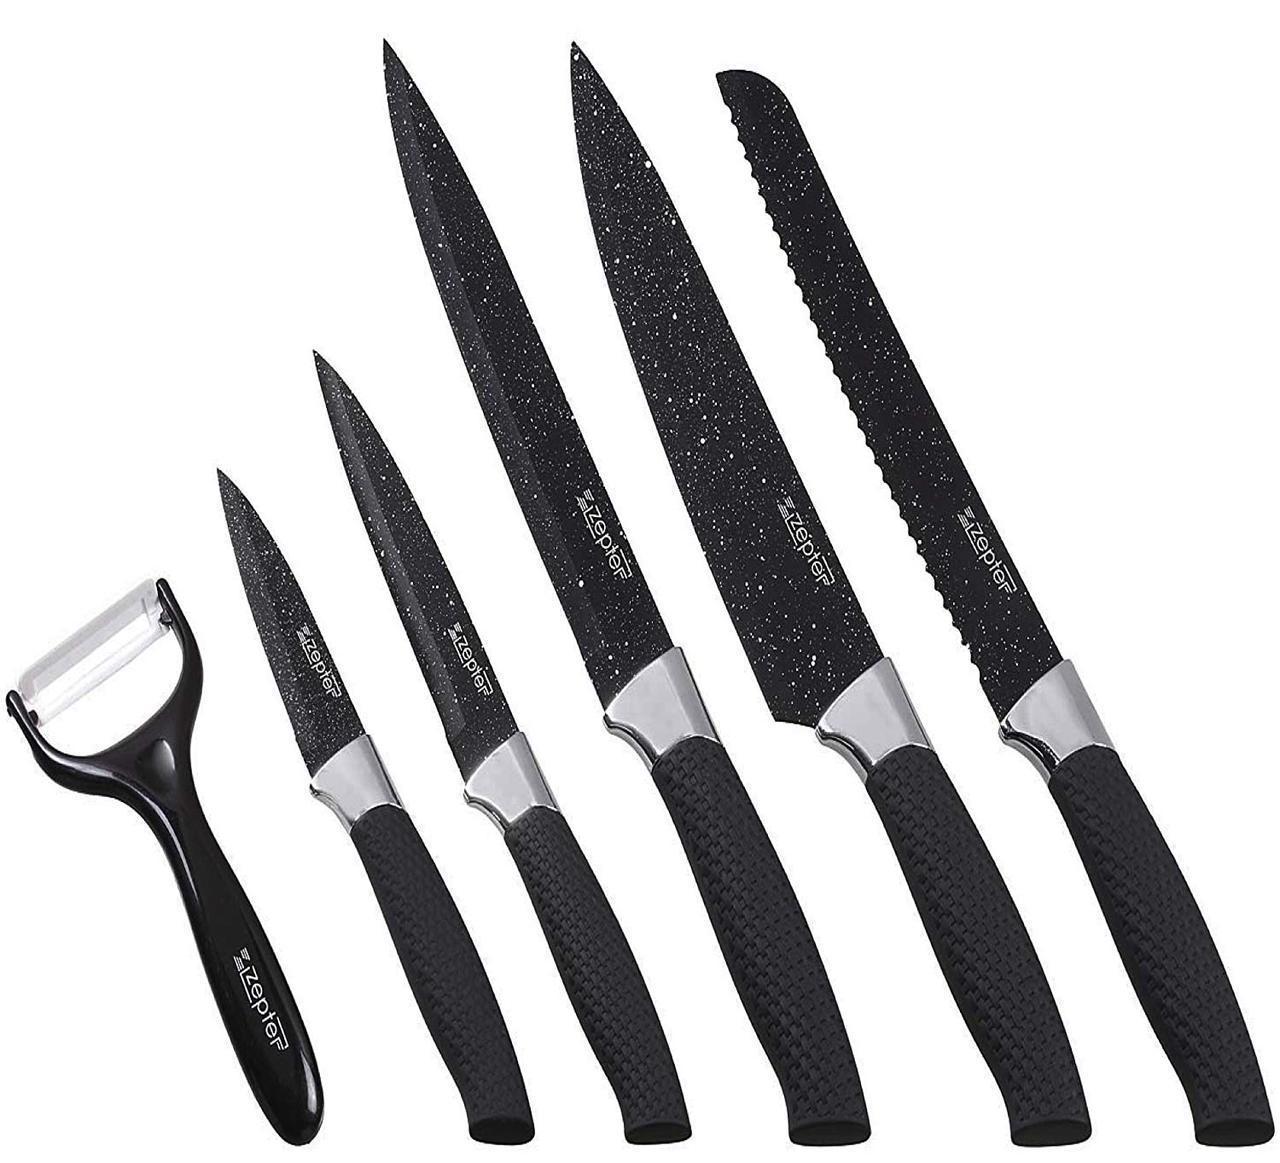 Набор ножей с антипригарным покрытием 6 предметов Zepter ЕС1 гладкая поверхность